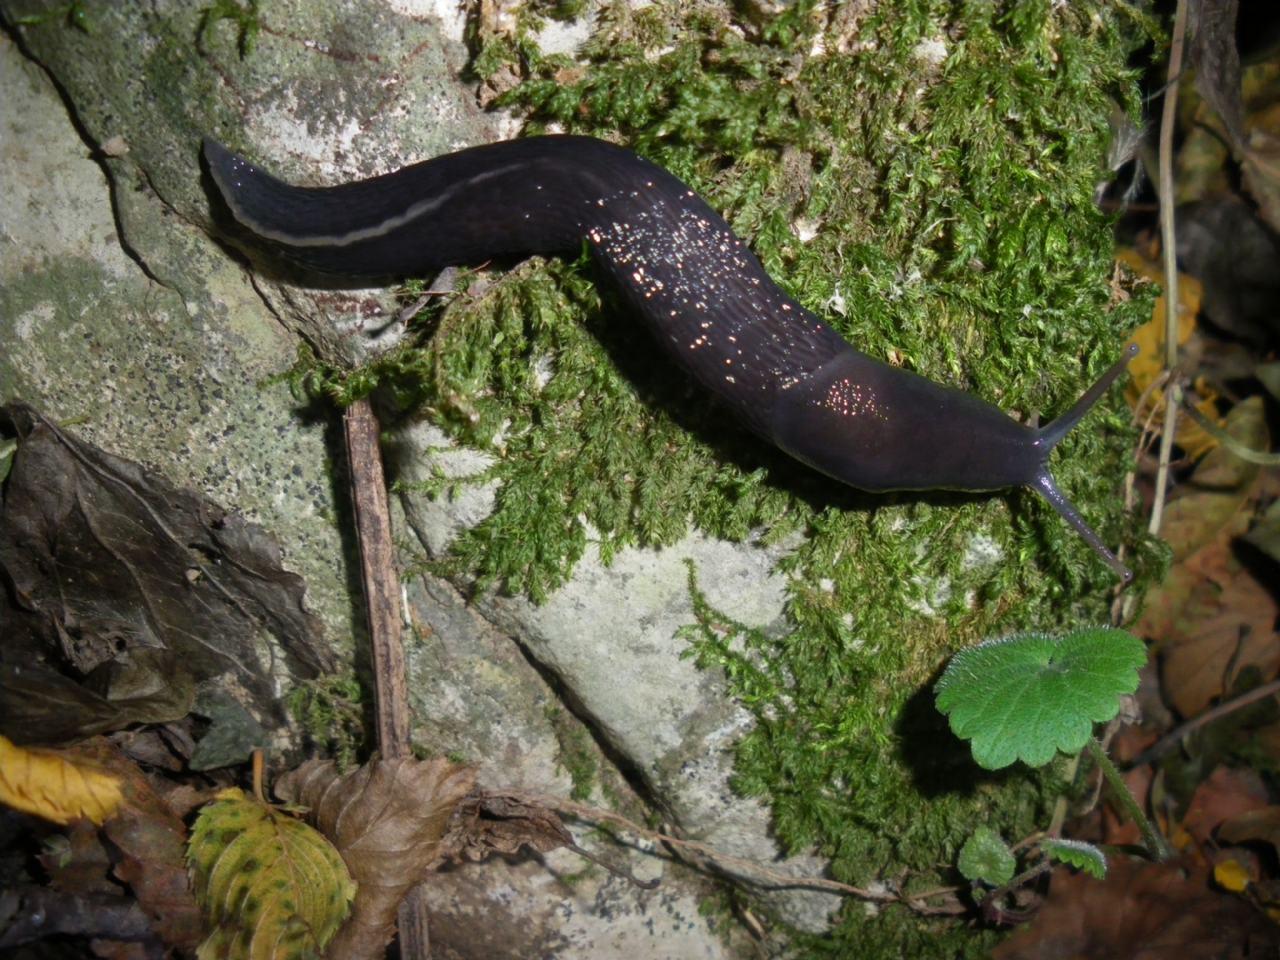 Limax aldrovandi Moquin-Tandon 1855 della comune di Montemurlo (PO)